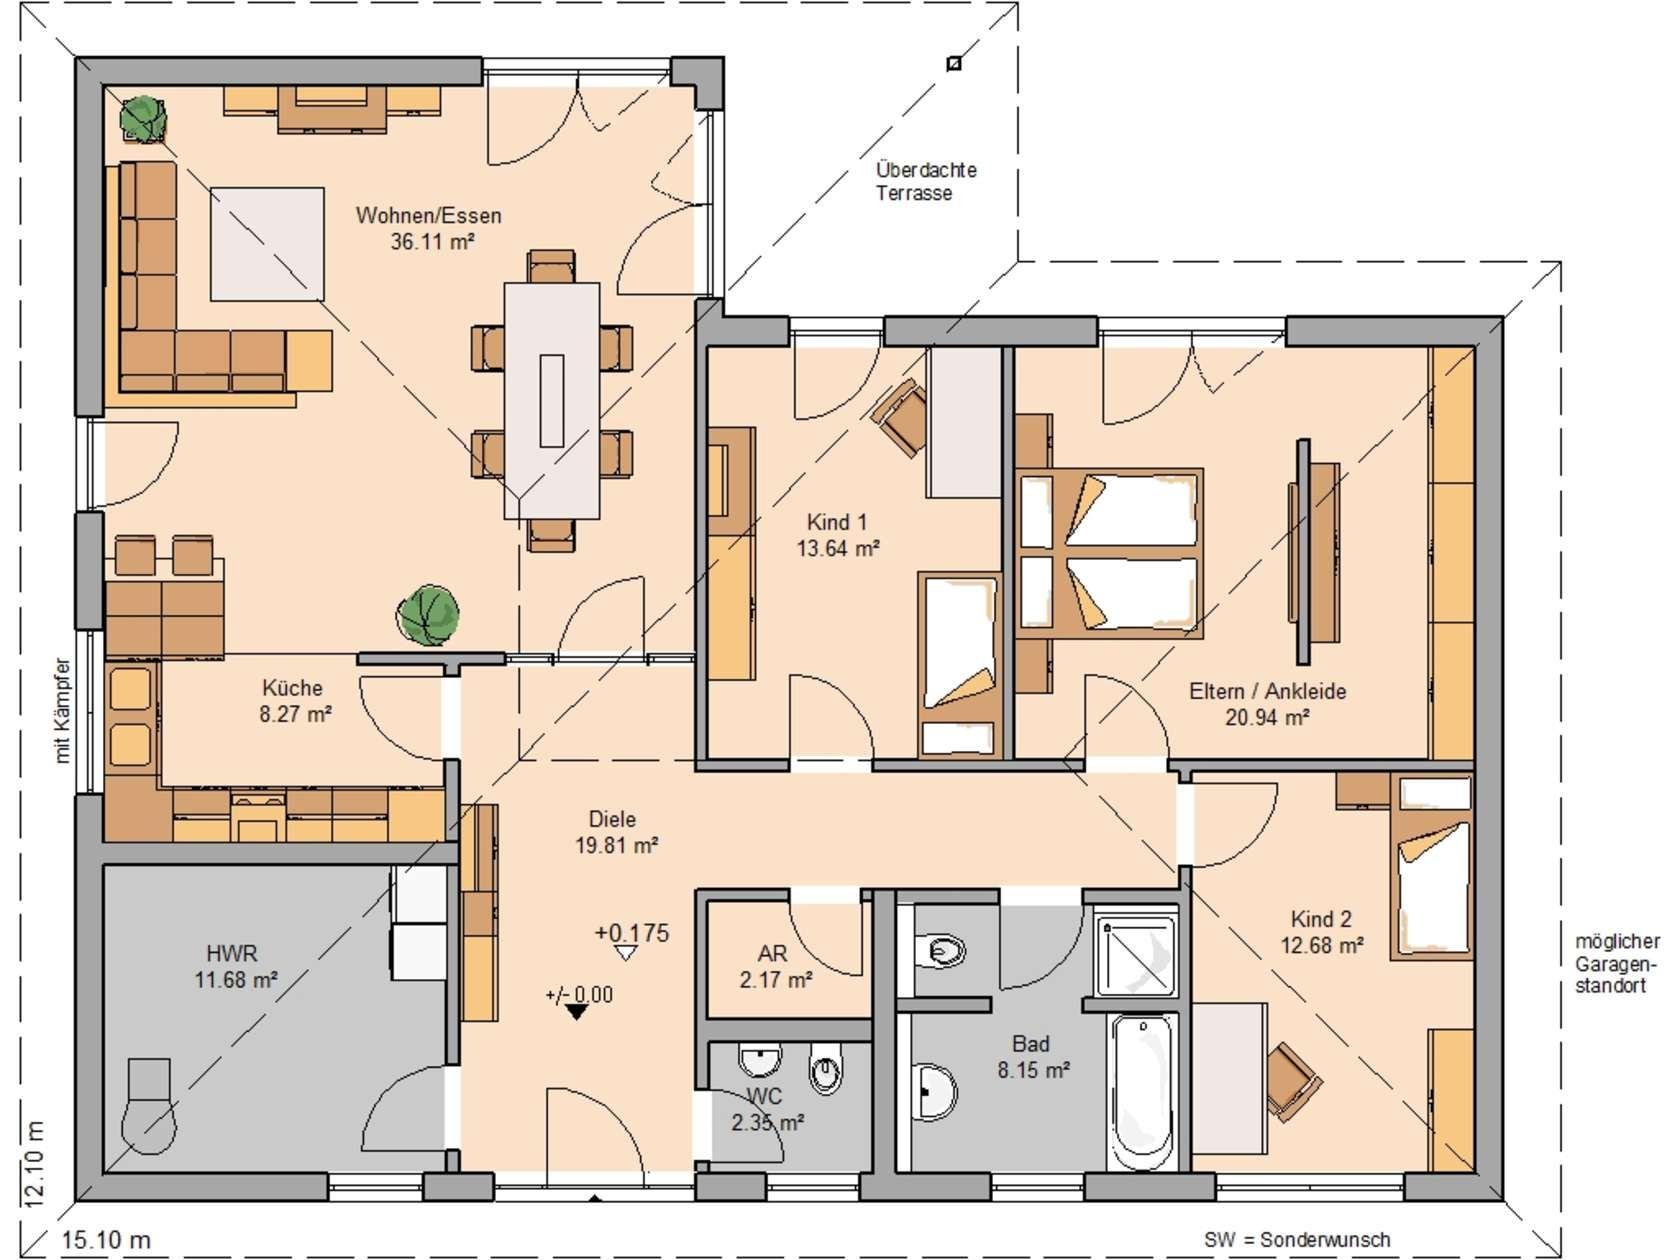 Kern haus bungalow balance grundriss erdgeschoss for Bungalow grundrisse